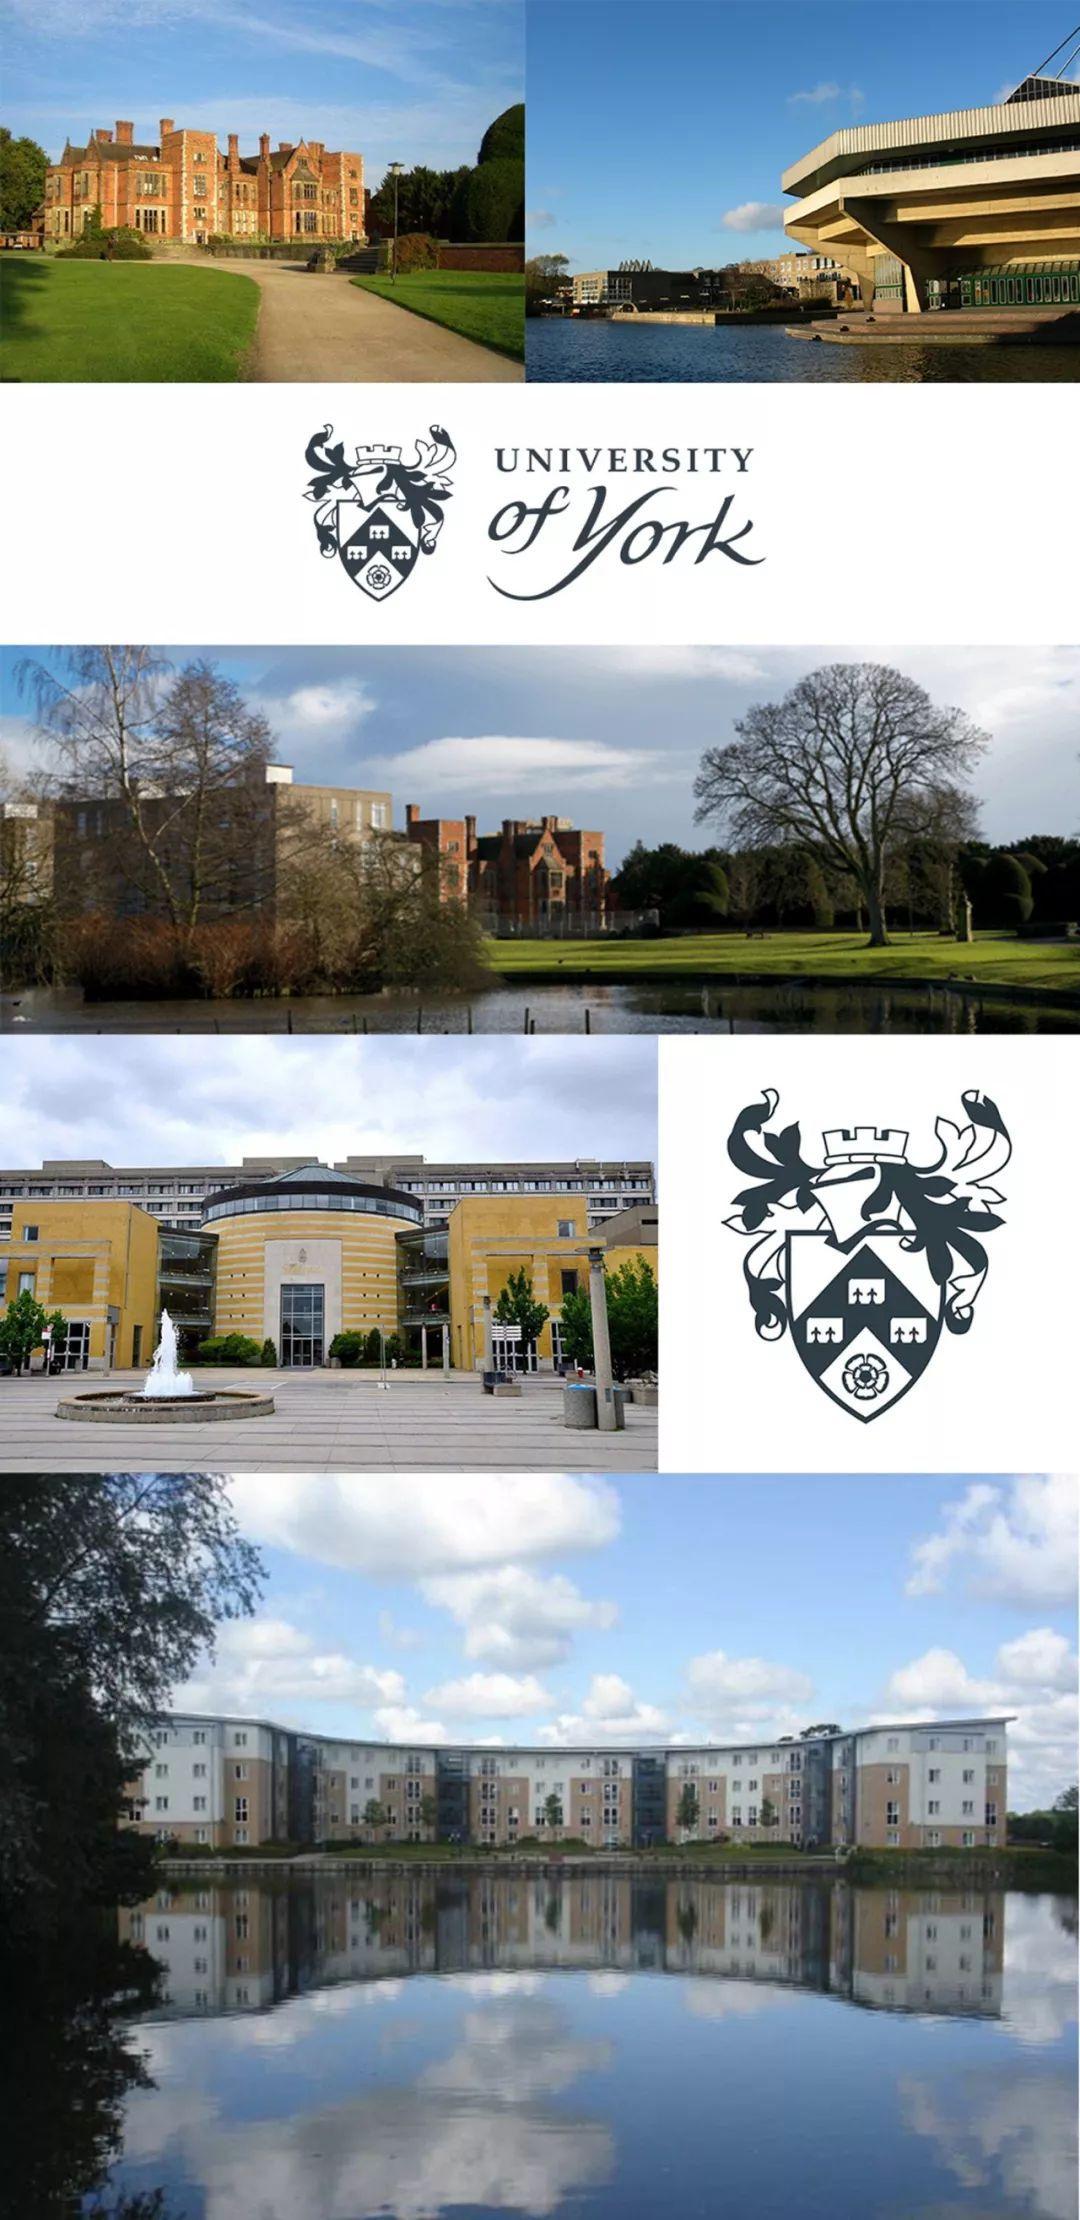 谢菲尔德大学   诺丁汉大学   曼彻斯特大学   壁纸   就可以获得高清原图了   约克大学